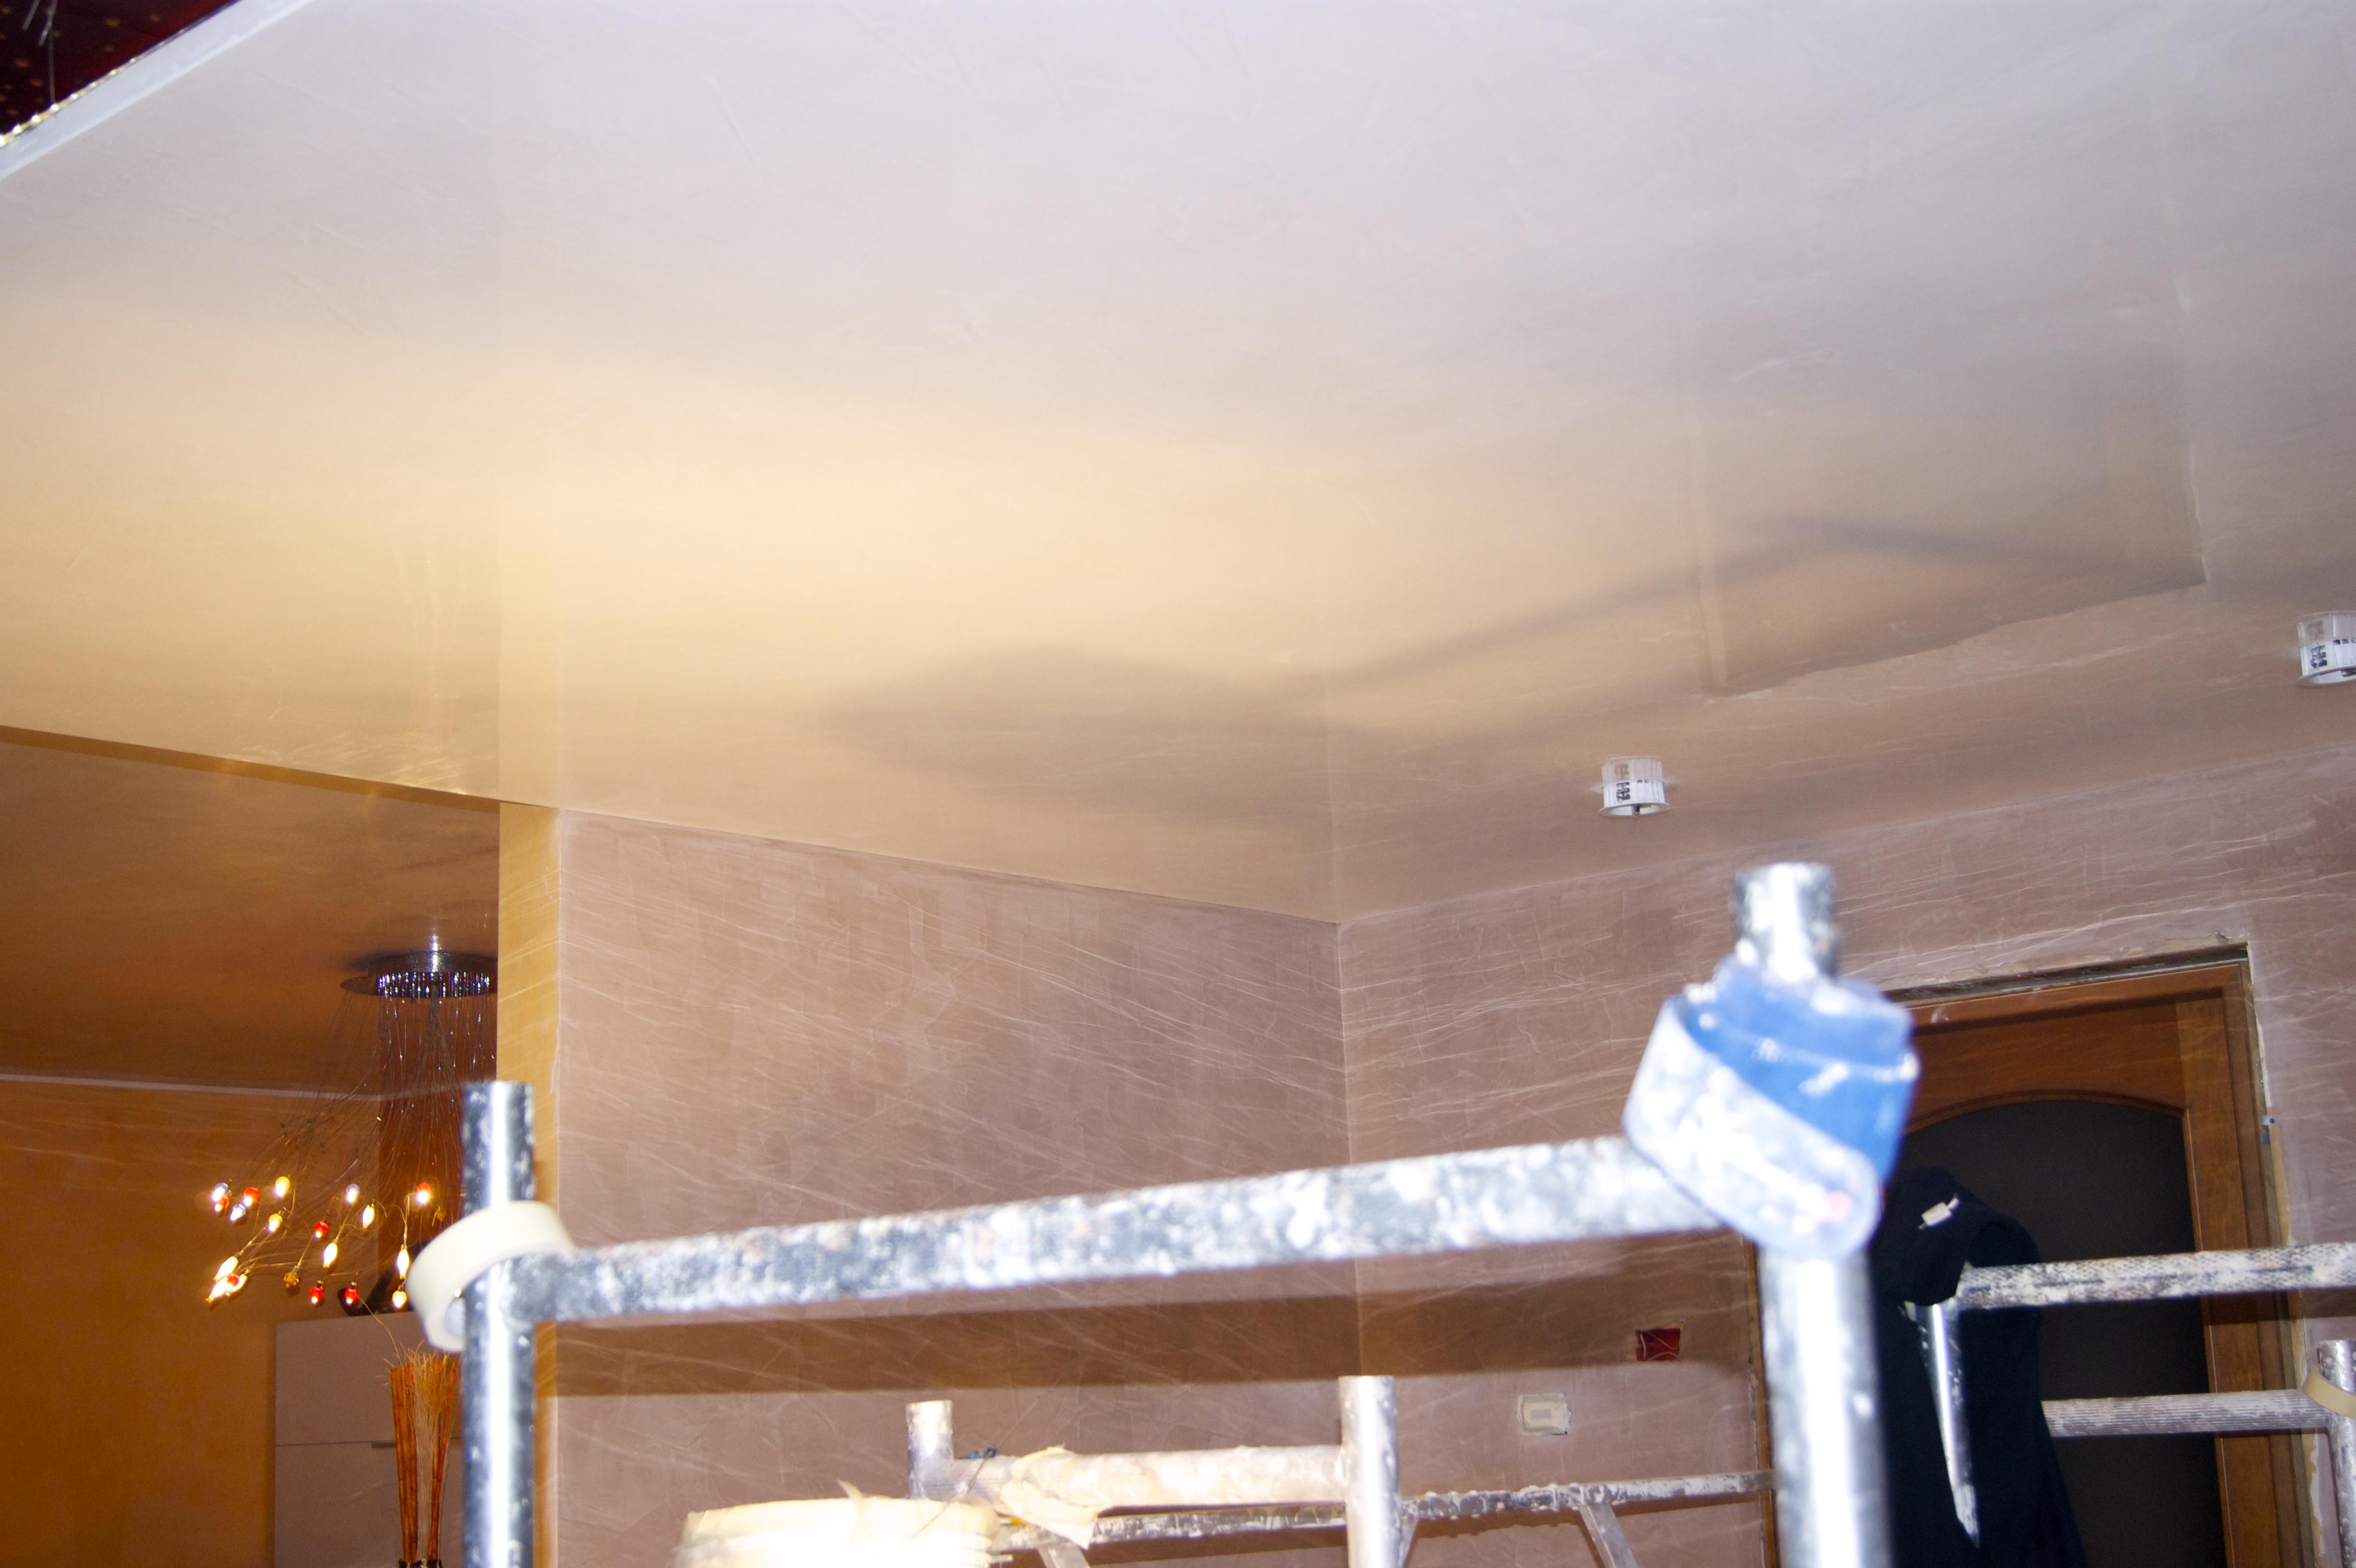 Grassello di calce milano materiale lucido come il marmo for Grassello di calce spatolato